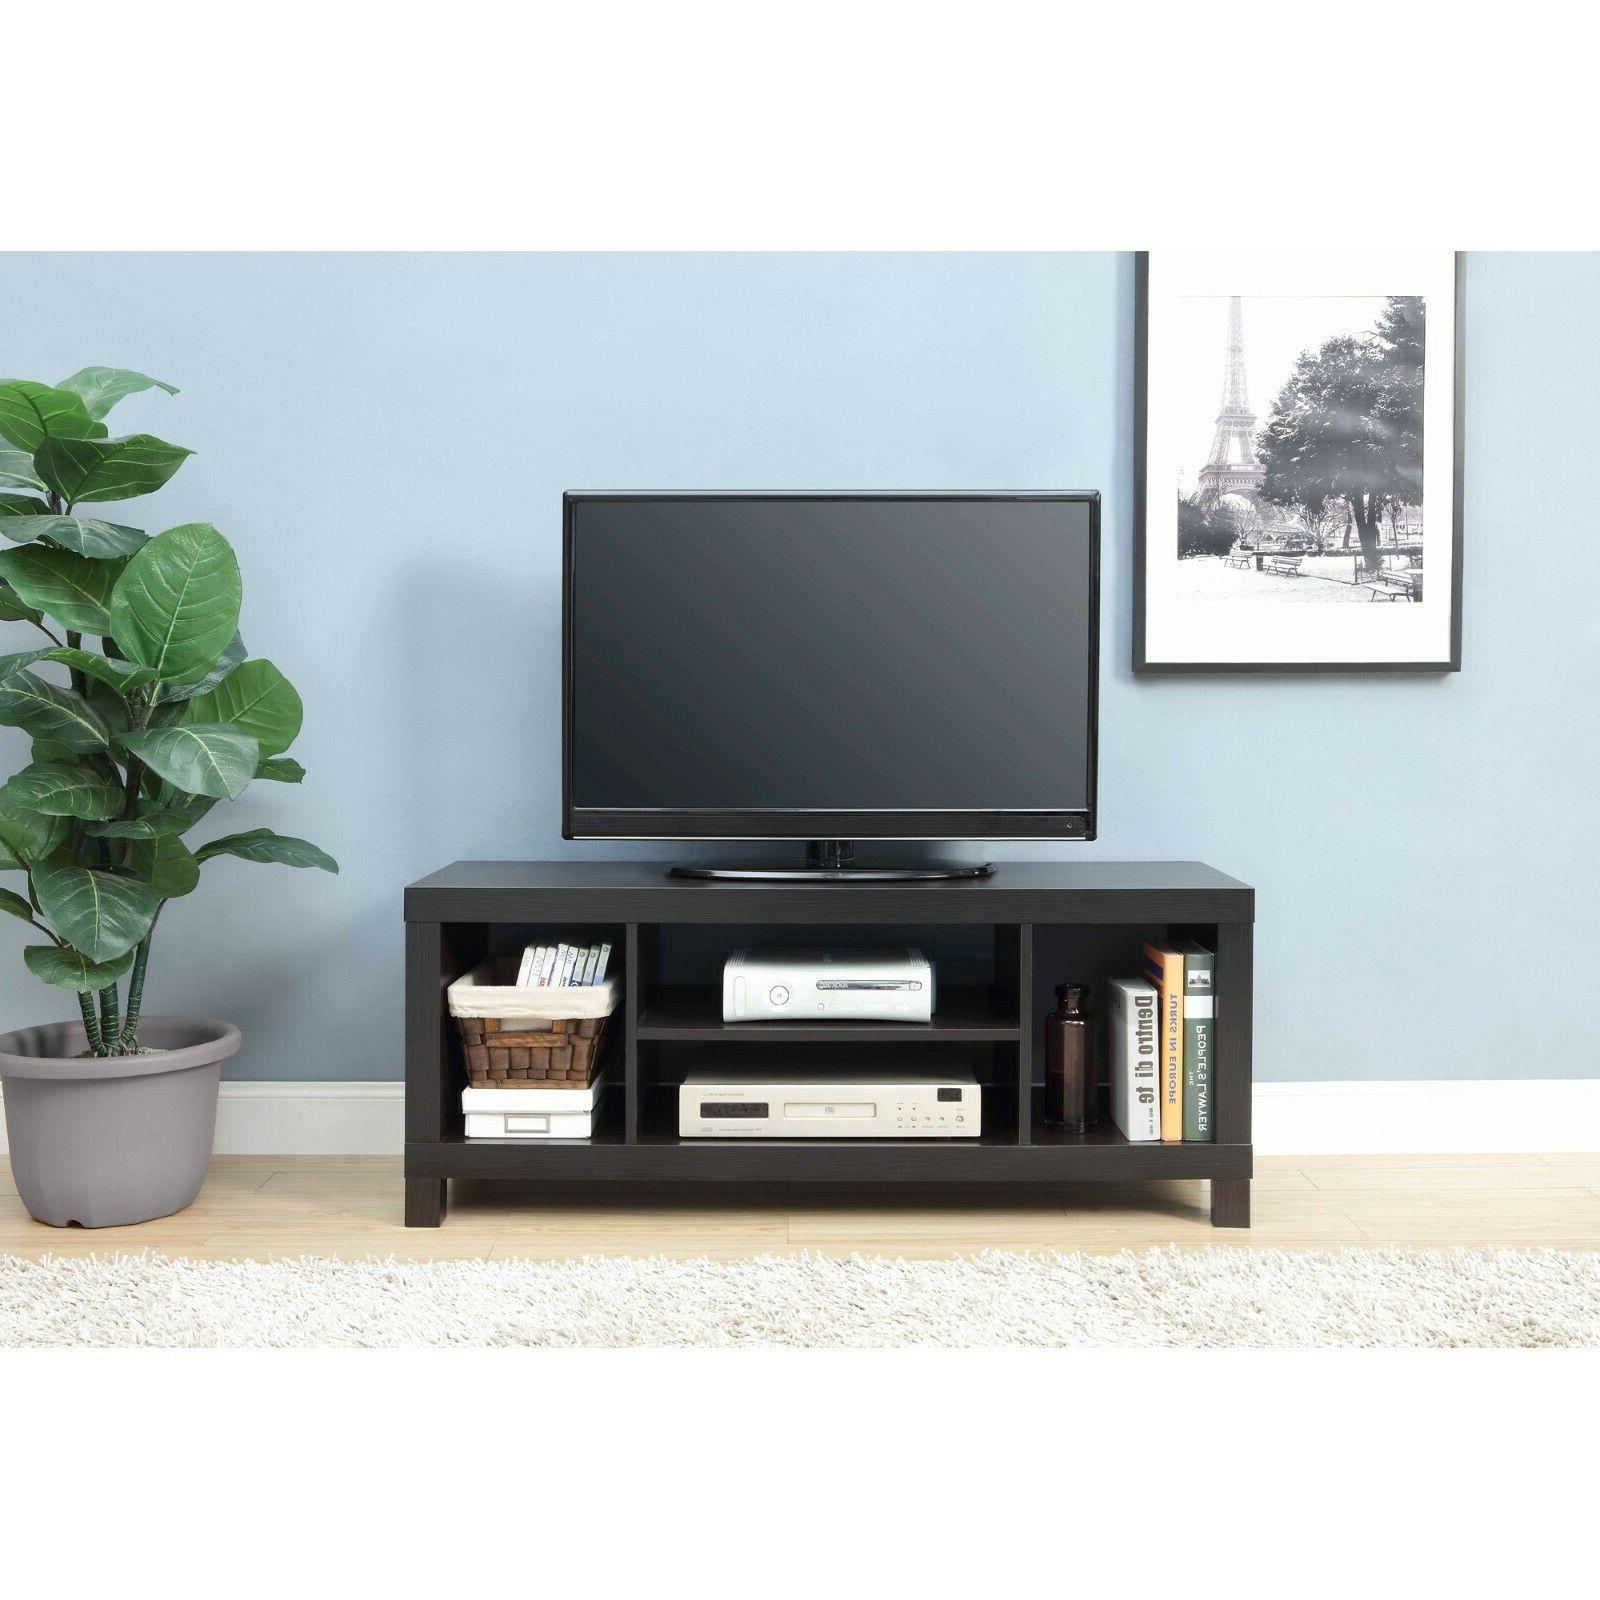 TV Stand Center Furniture Storage Modern Home